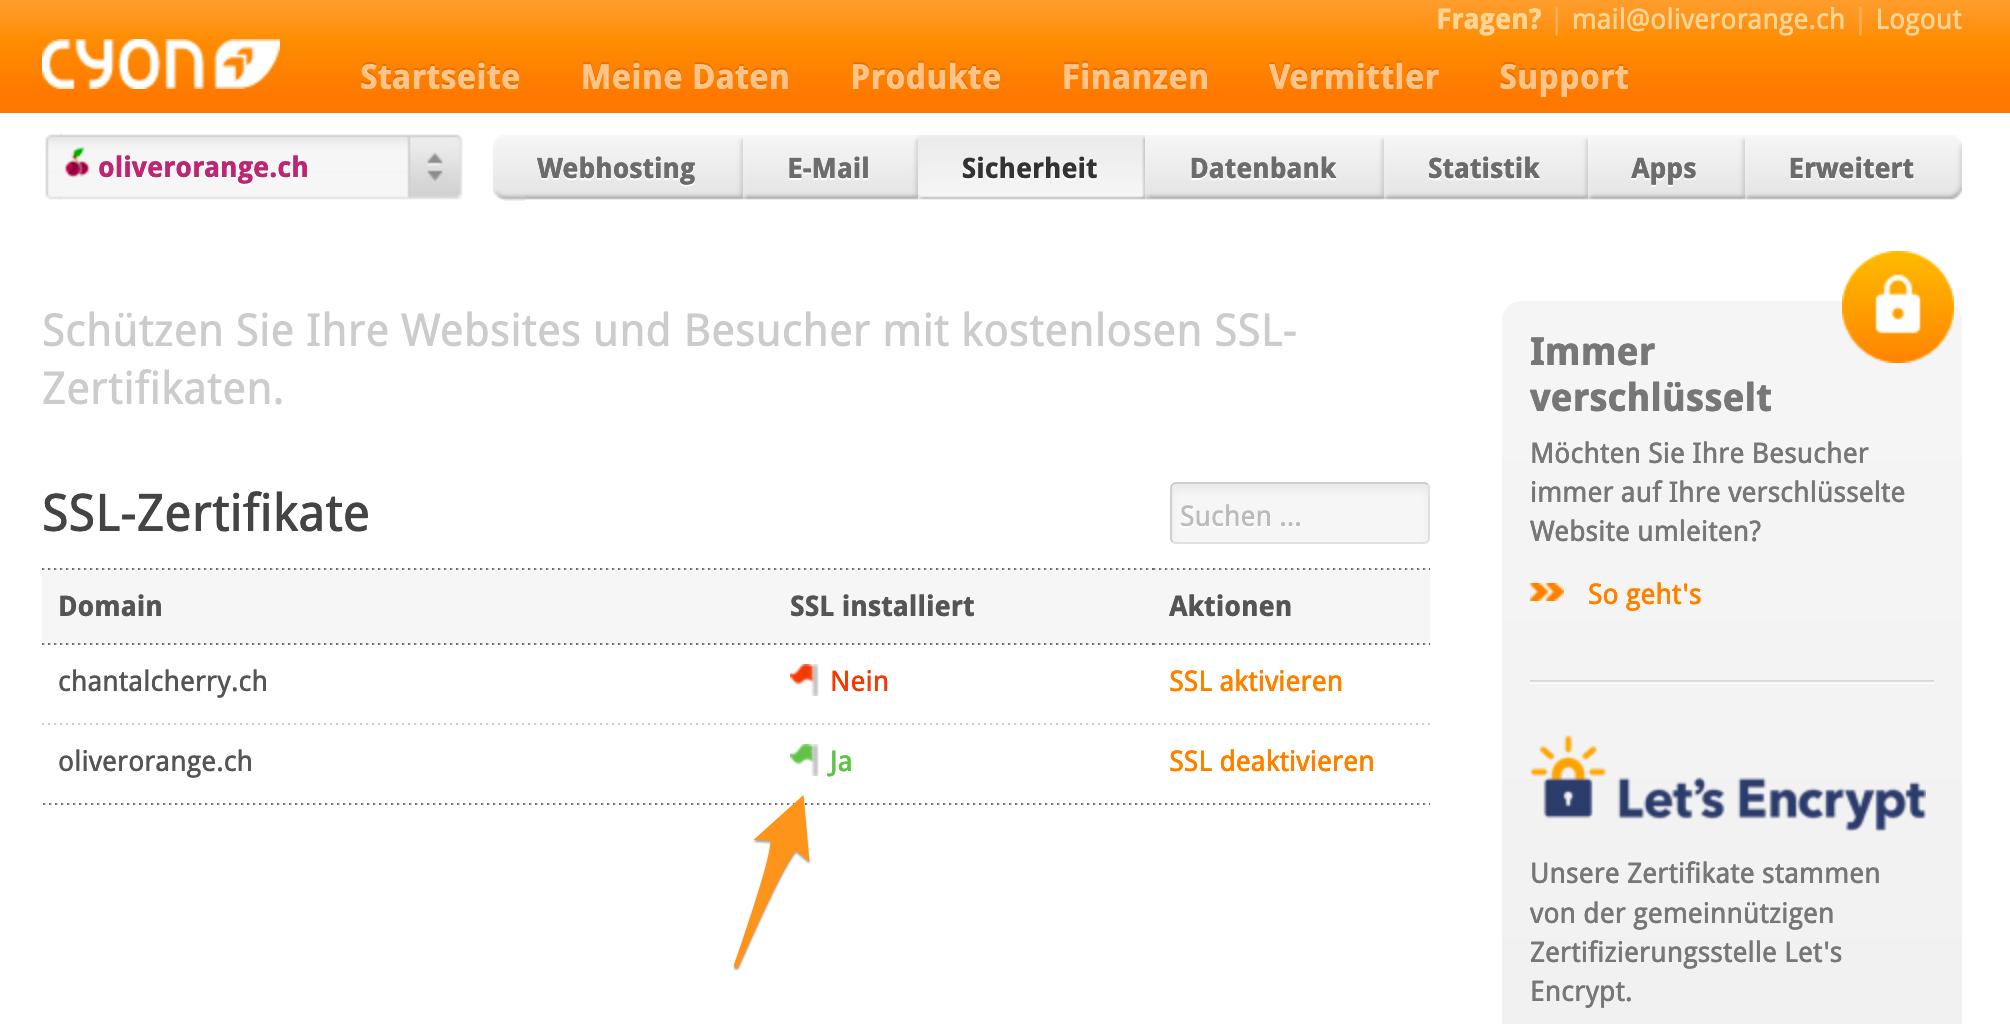 Übersicht der aktiven SSL-Zertifkate im my.cyon